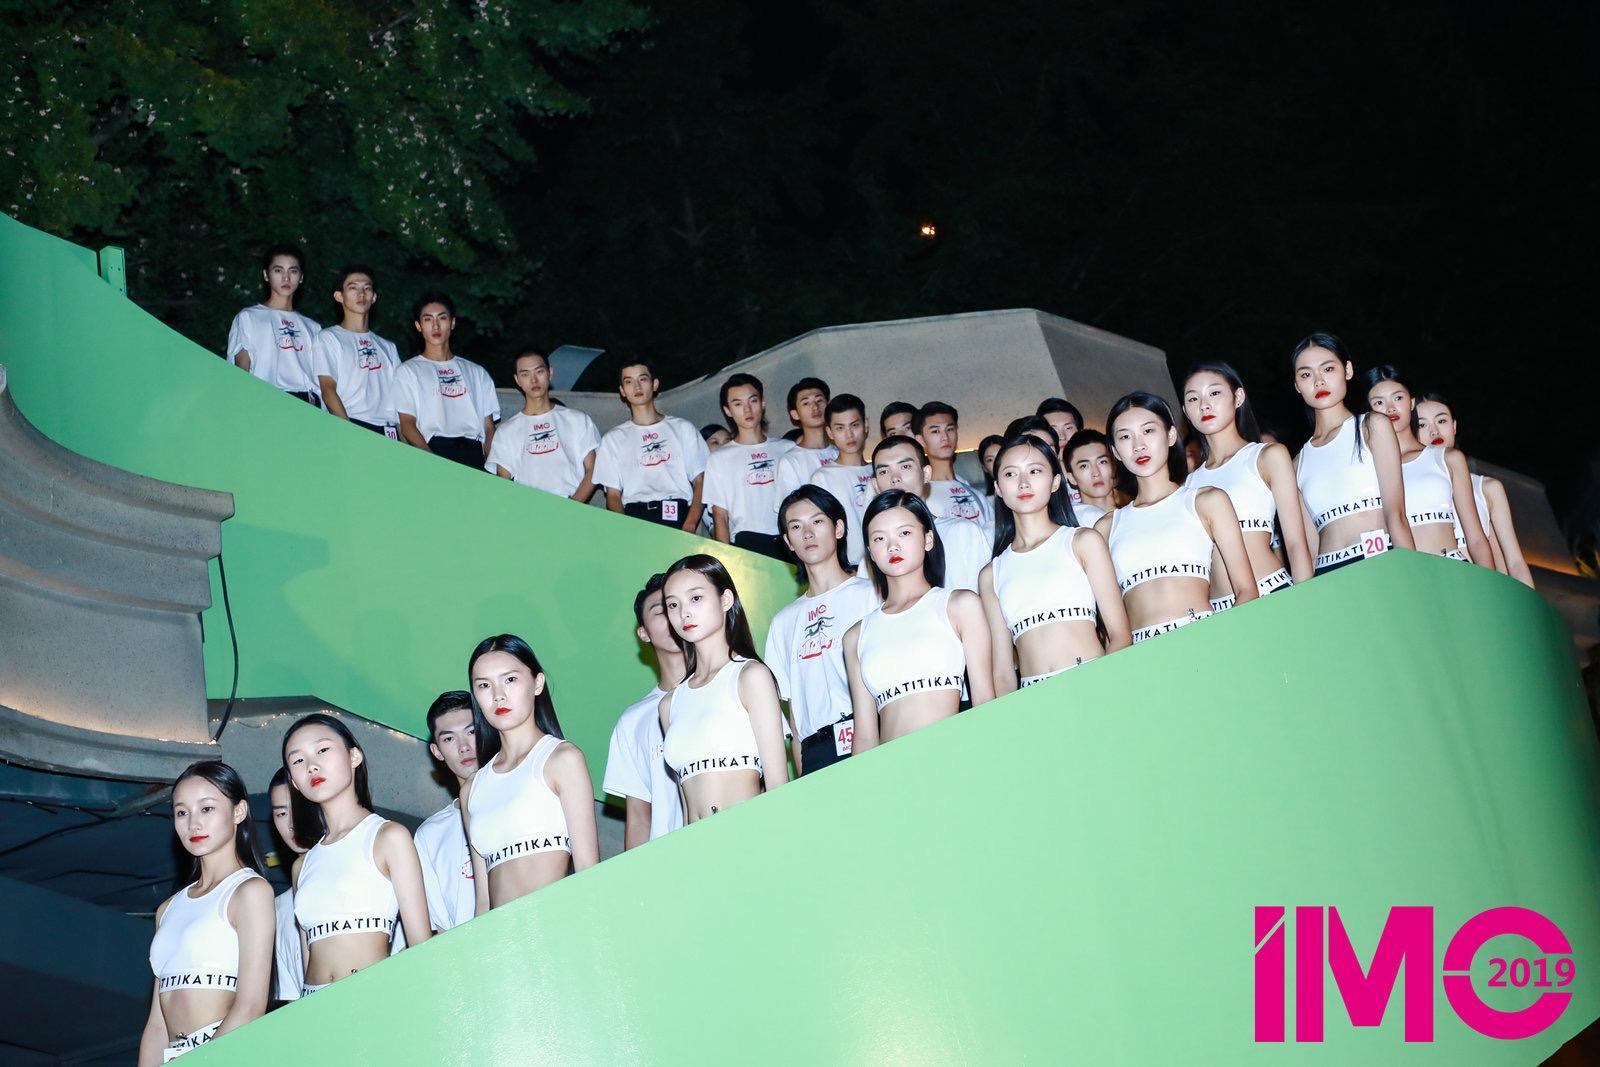 上海時裝周壓軸巨獻——2019IMC上海國際模特大賽全國總決賽頒獎盛典圓滿落幕